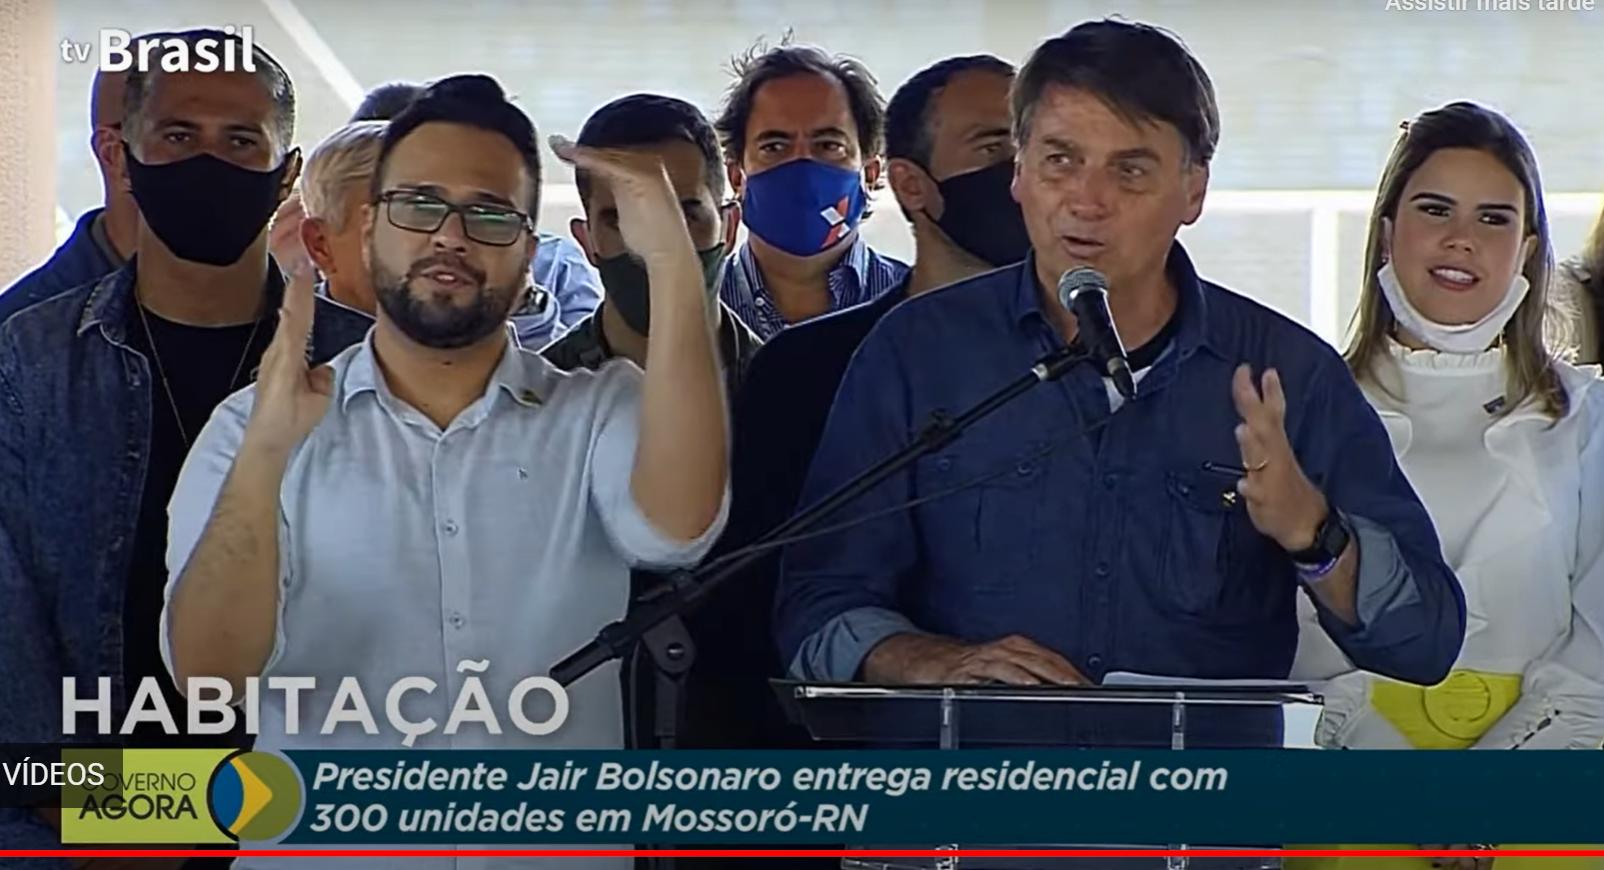 """Bolsonaro discursa ao entregar casas em Mossoró: """"RN acima de todos"""", diz o  presidente - Agora RN"""